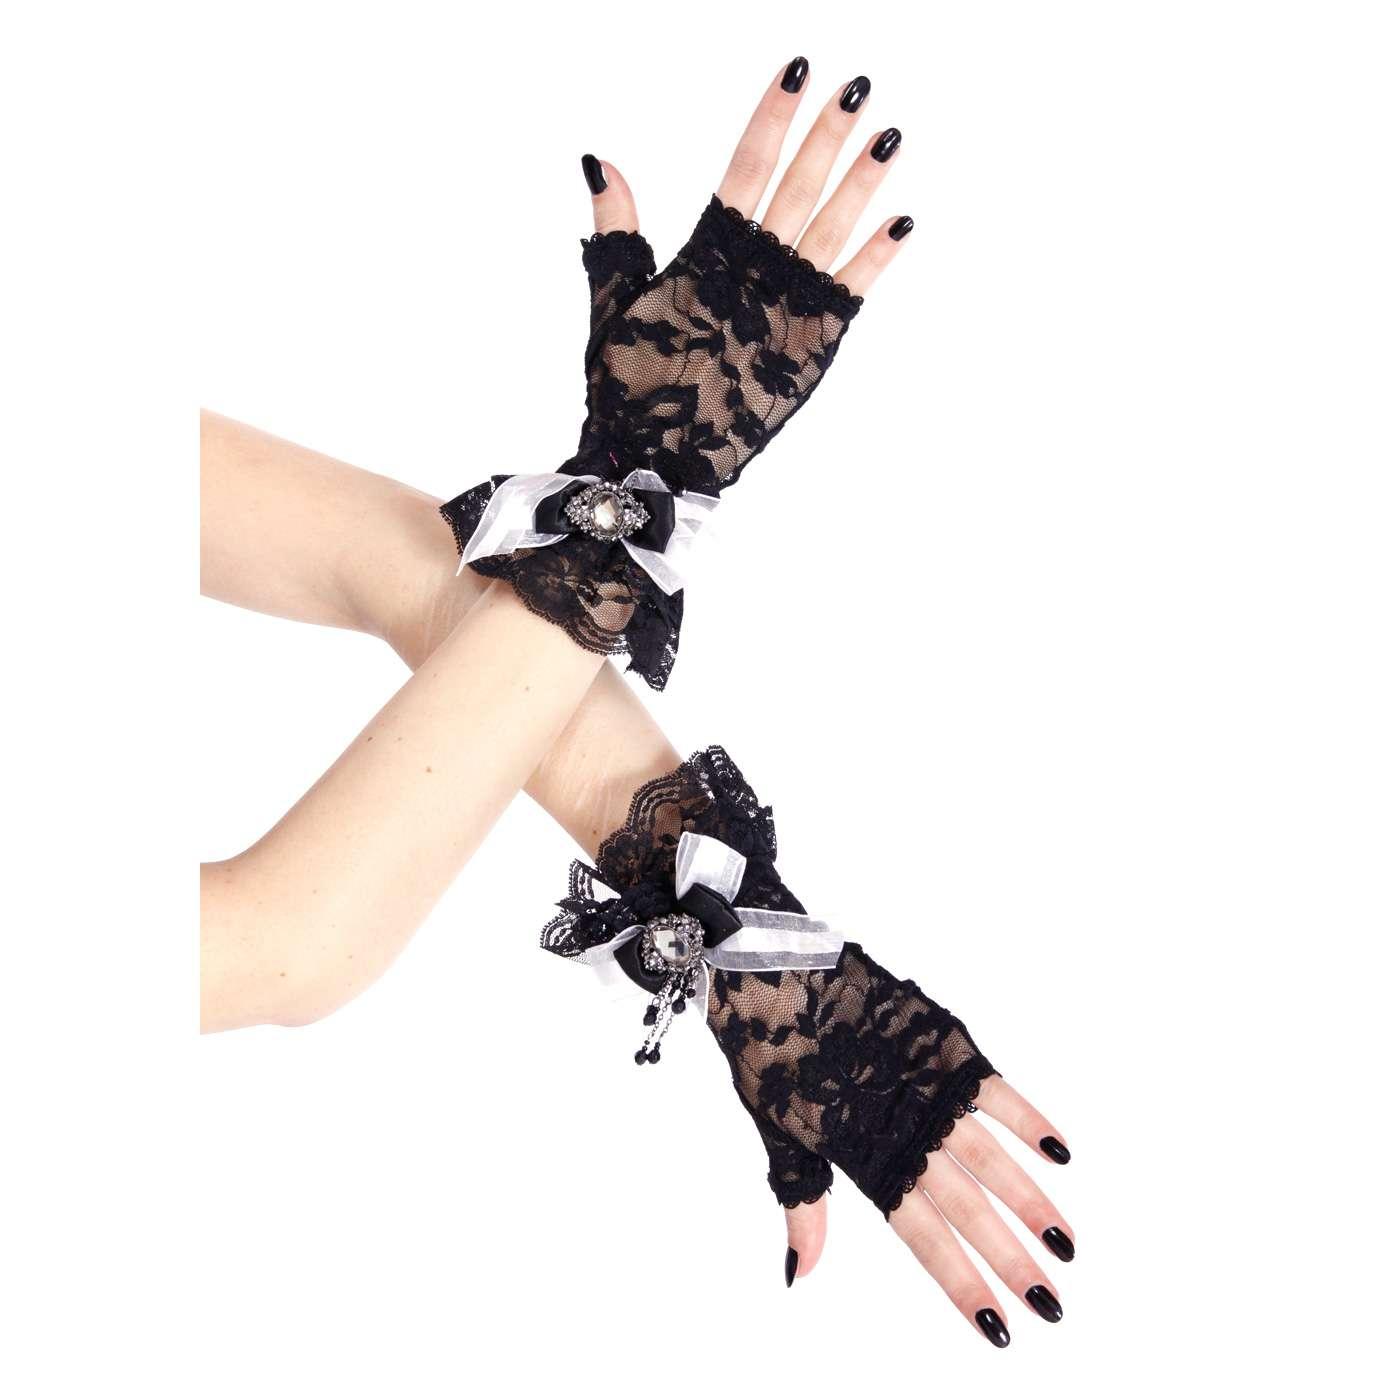 Handschuhe schwarze Spitze in viktorianischem Look   VOODOOMANIACS